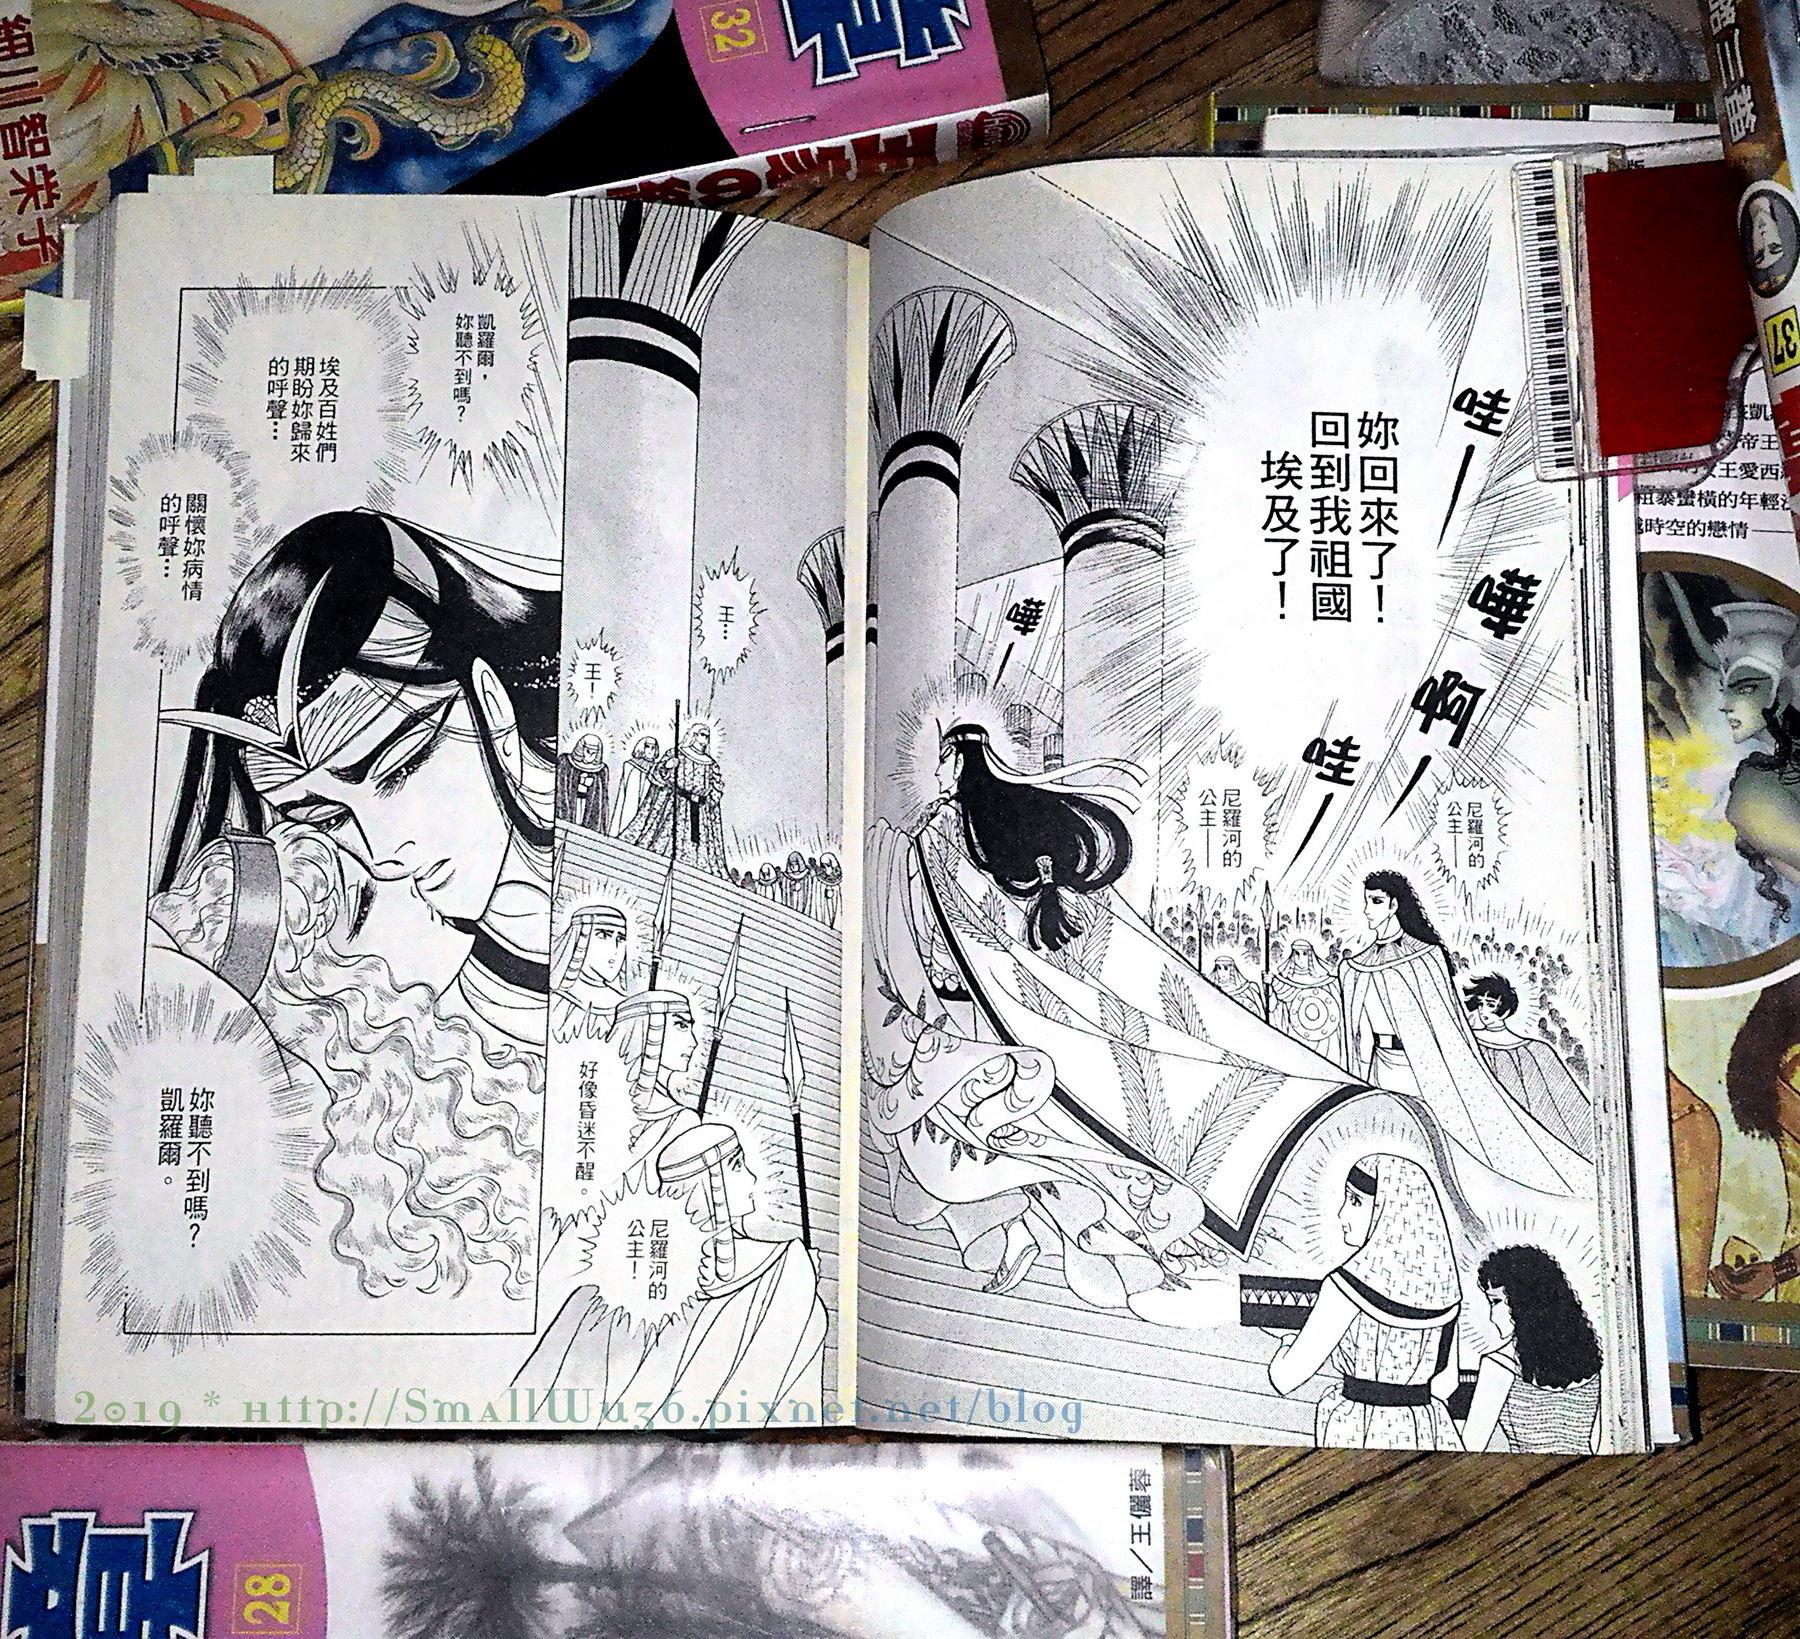 細川智榮子-王家的紋章(尼羅河女兒) 28-35 (長鴻)  vol_29 -1.jpg